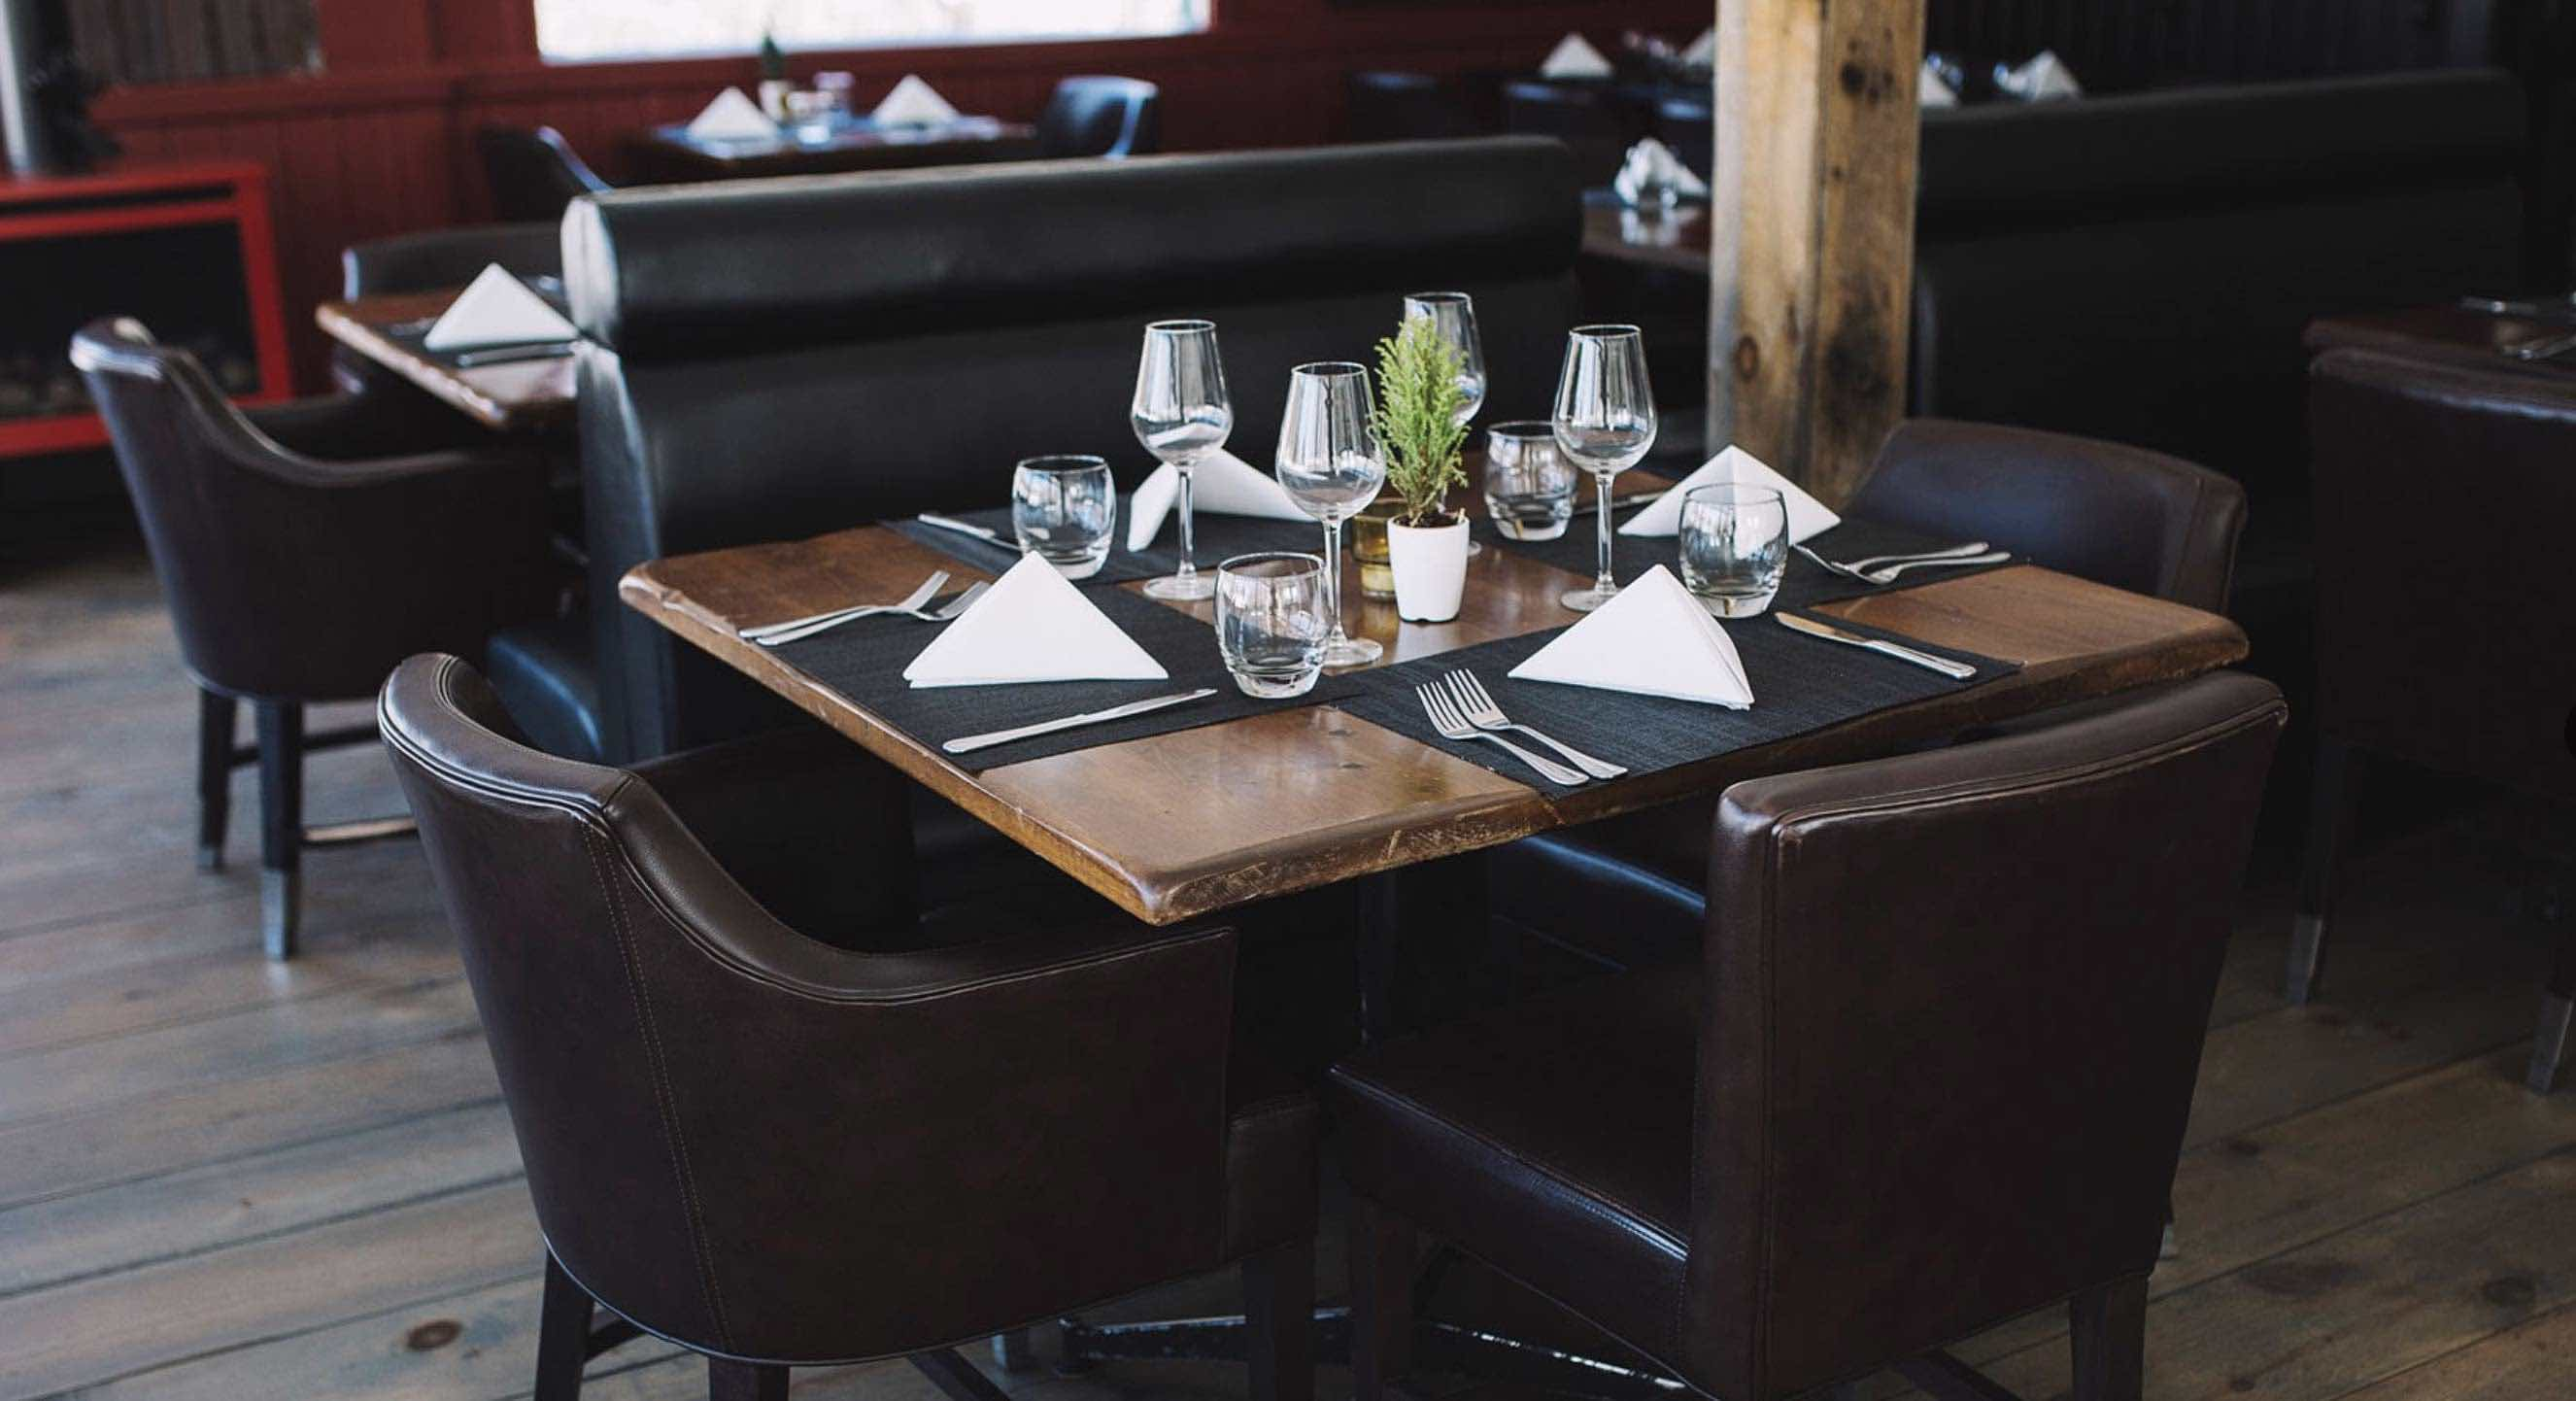 Rhubarb restaurant Haliburton interiot thigns to do in Minden